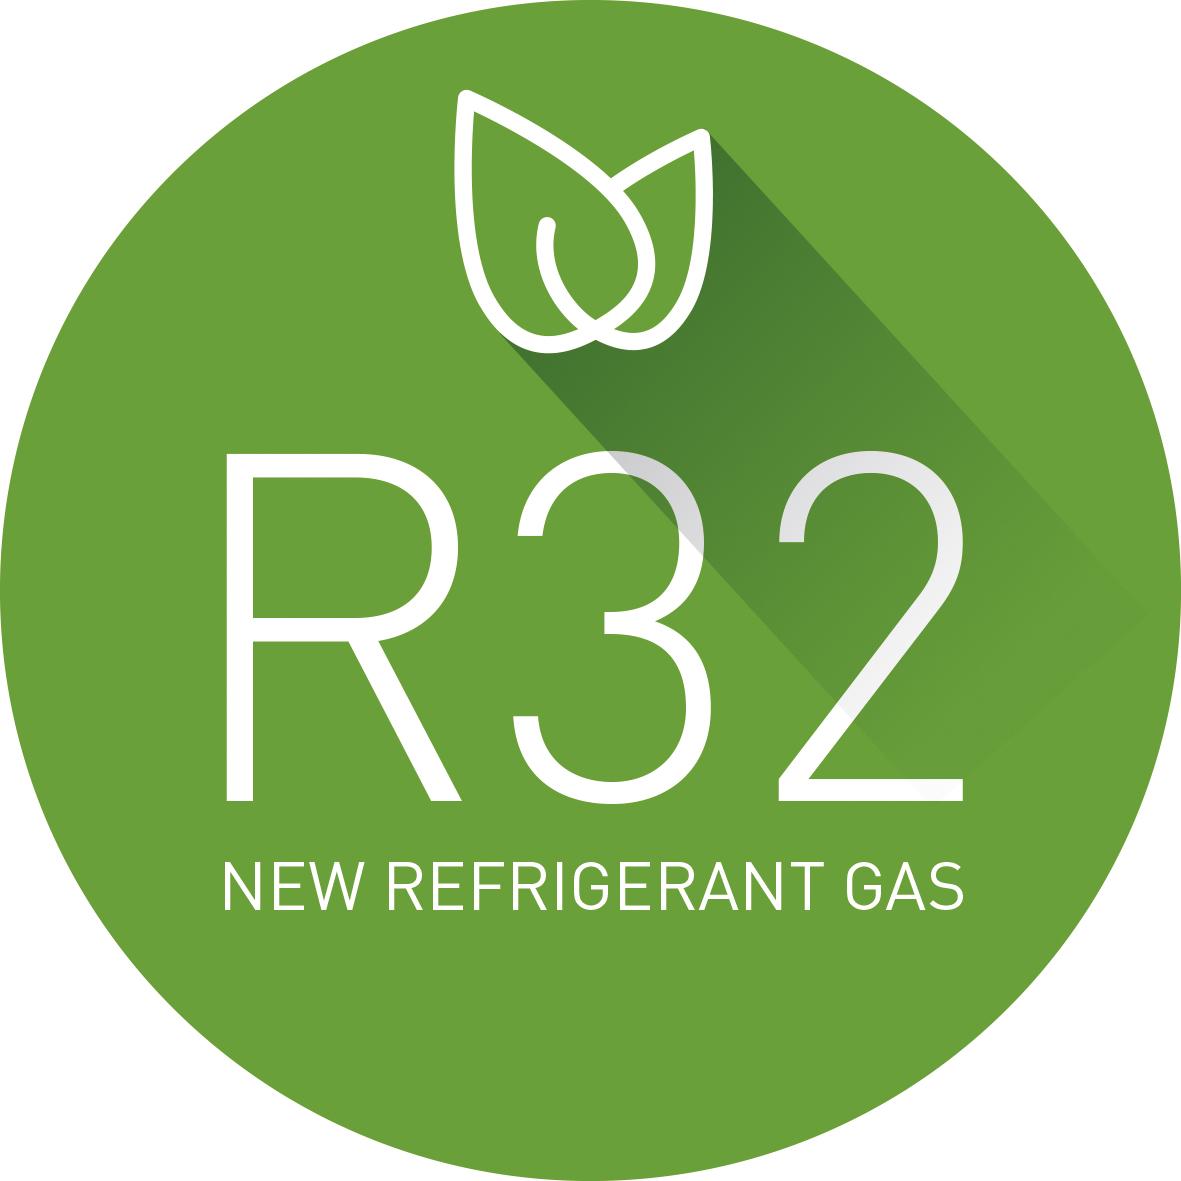 r32-gas-LOGO